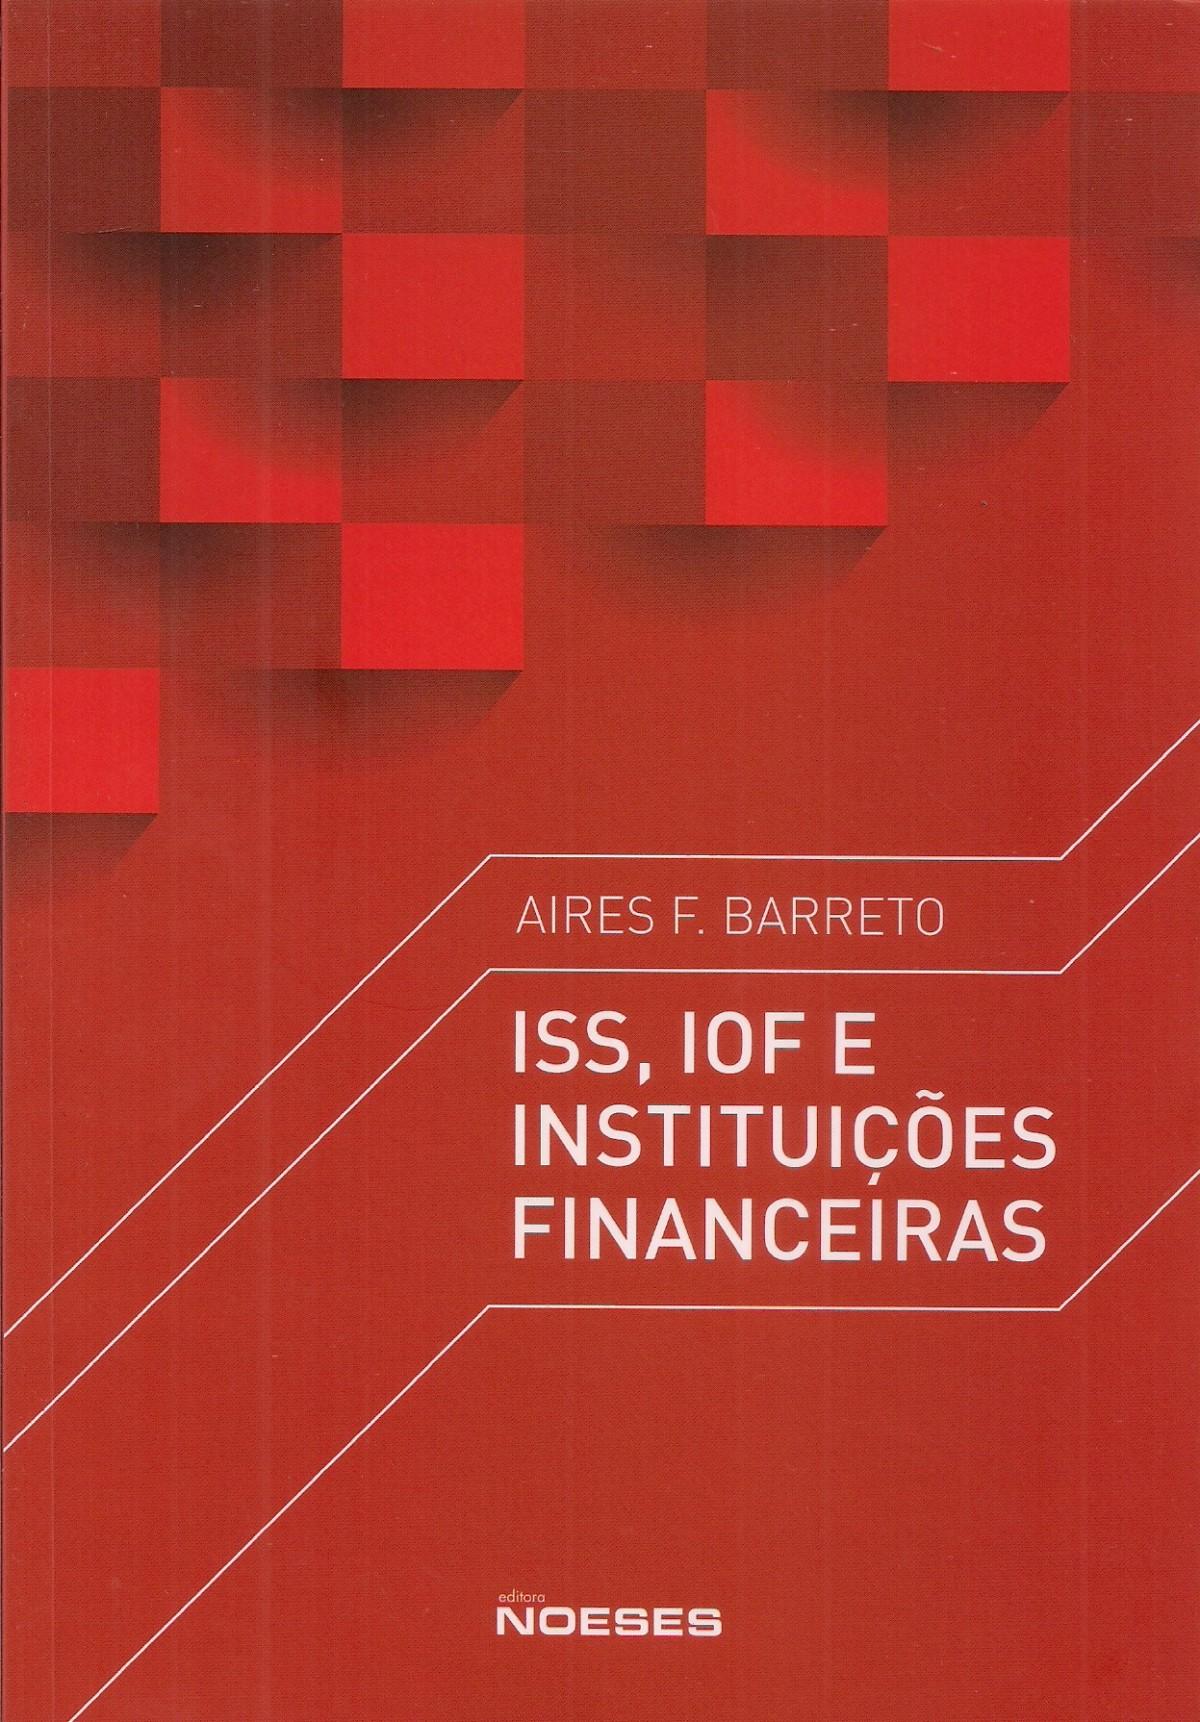 Foto 1 - ISS, IOF e Instituições Financeiras